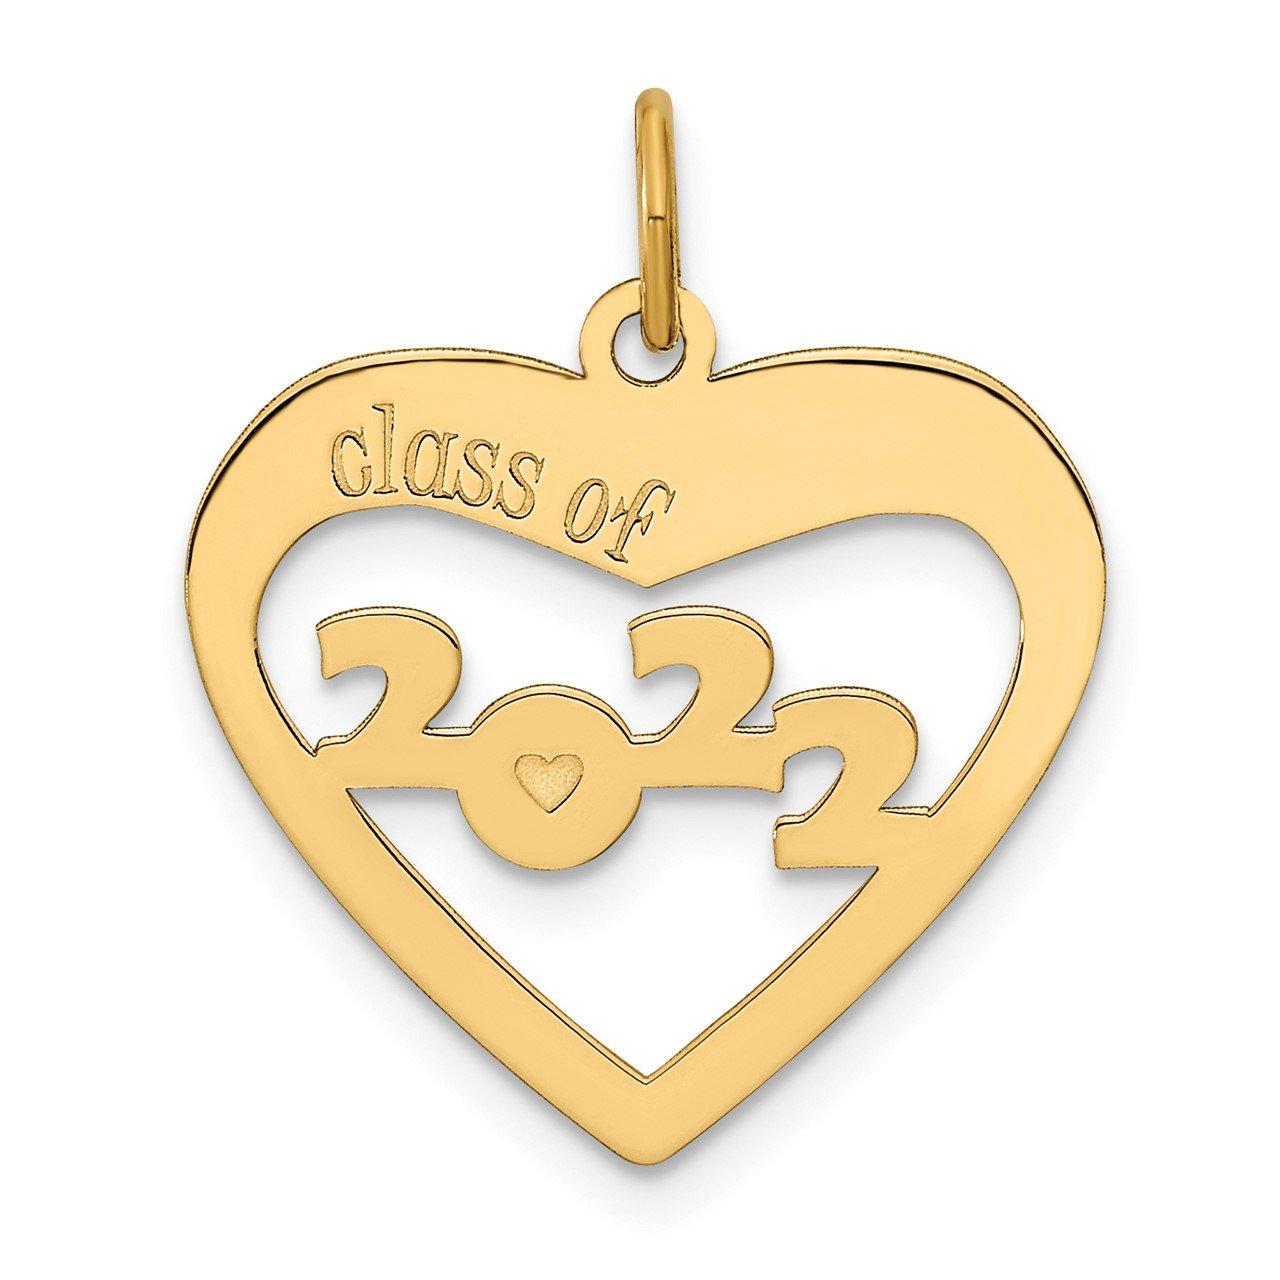 14k CLASS OF 2022 Heart Cut Out